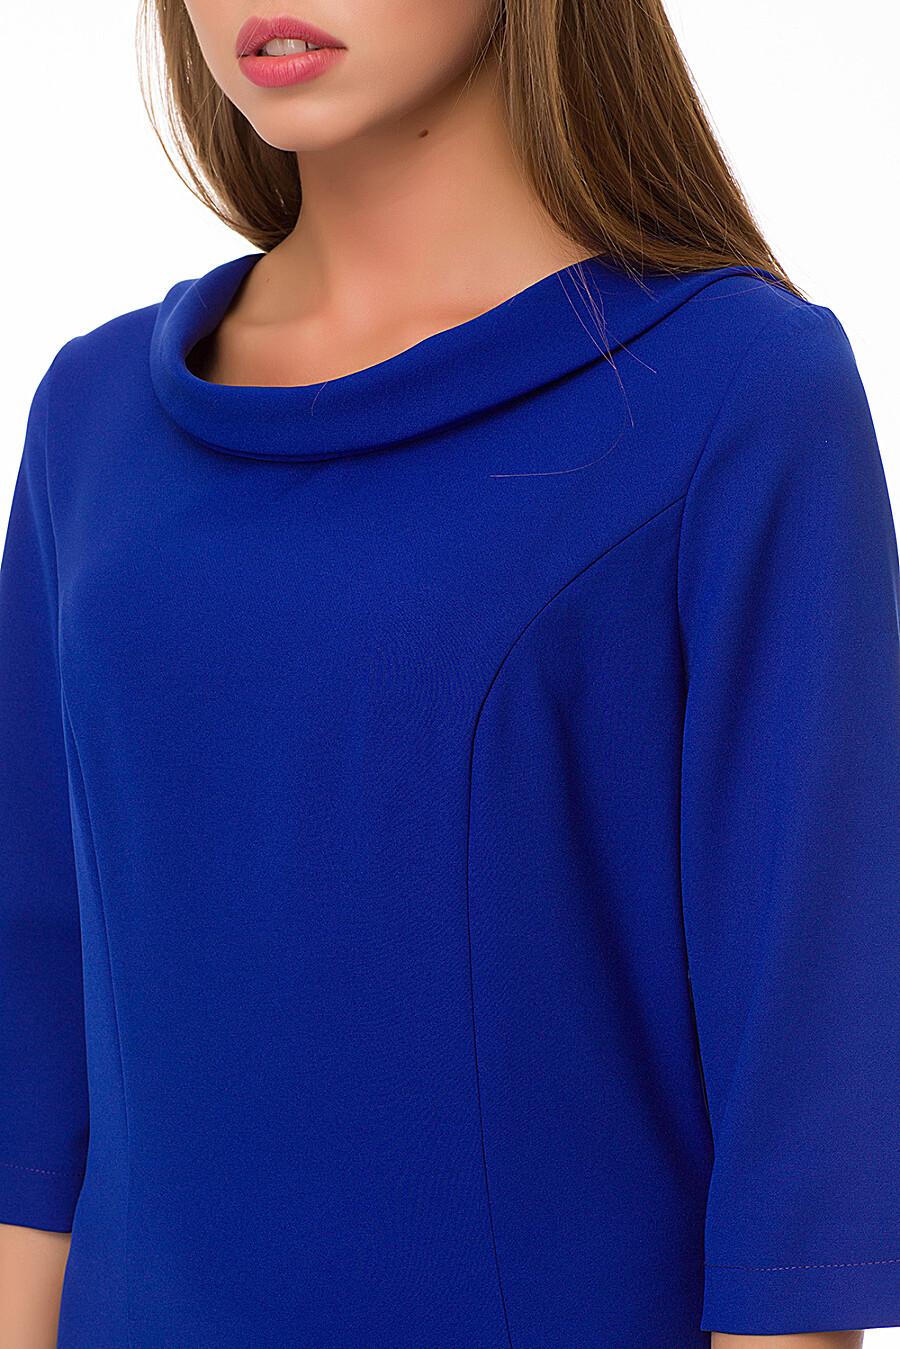 Платье #72335